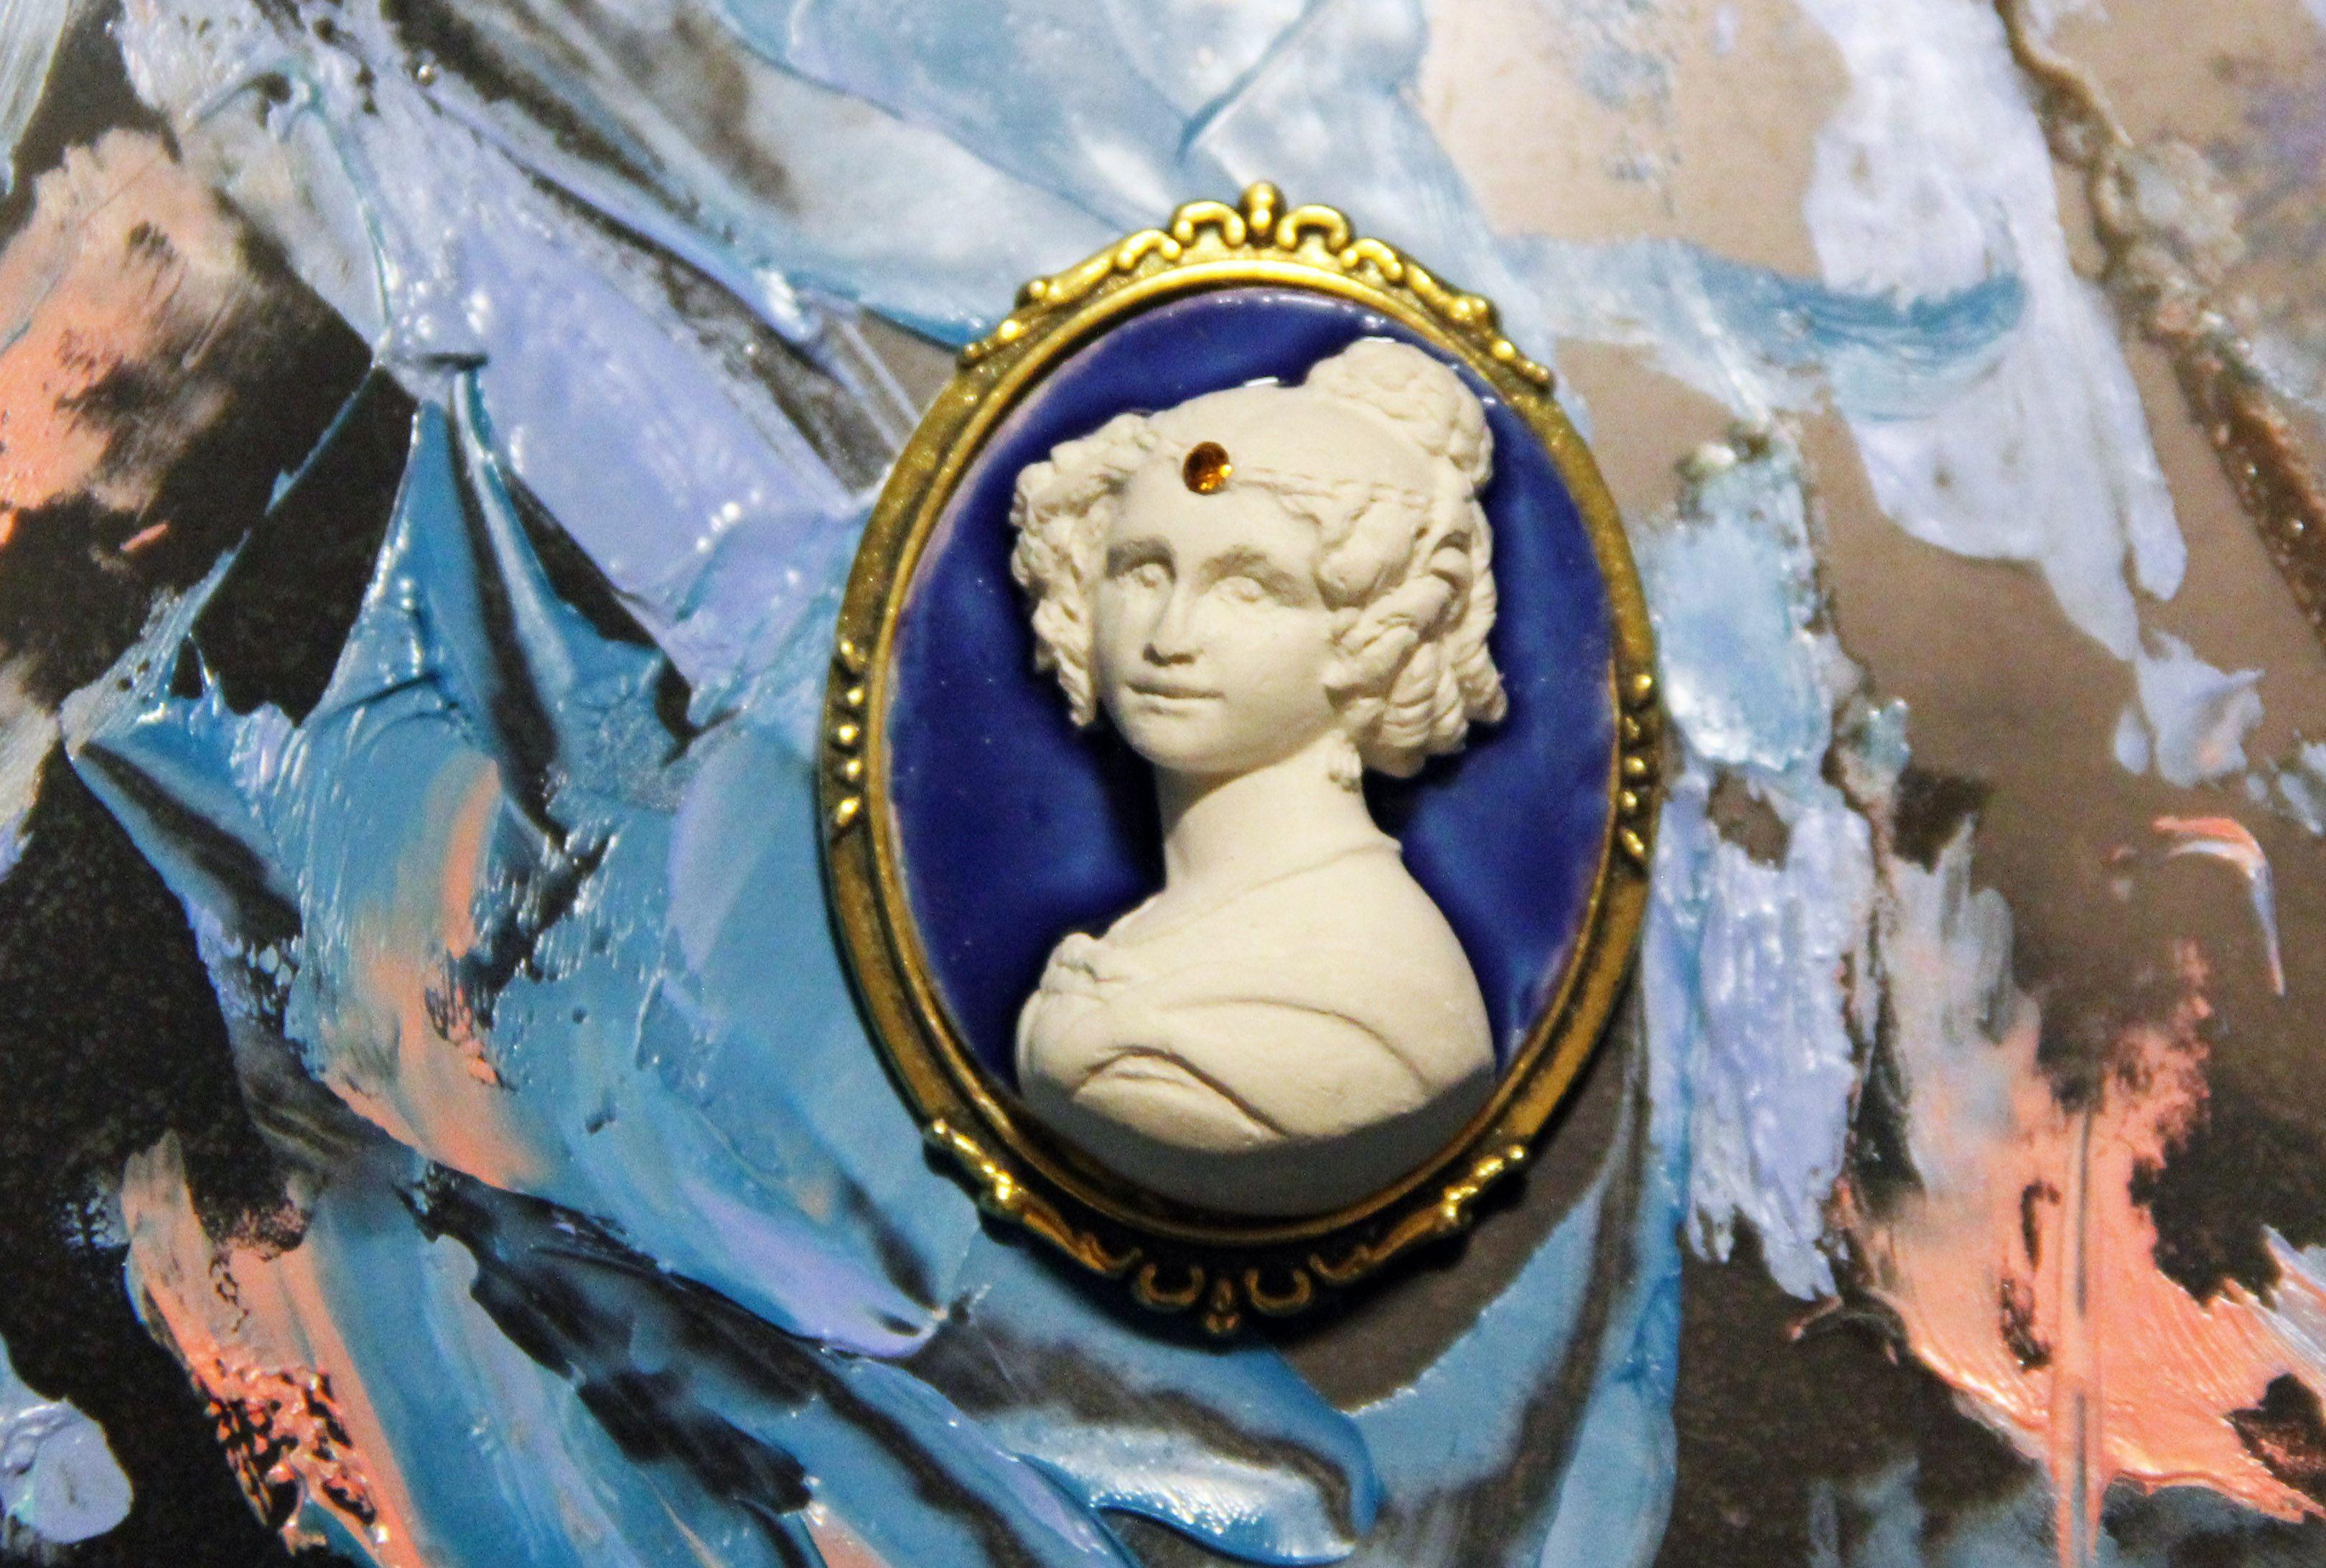 винтаж девушки камея для украшение изысканное ручнаяброшь работа подарок ручнаяработа